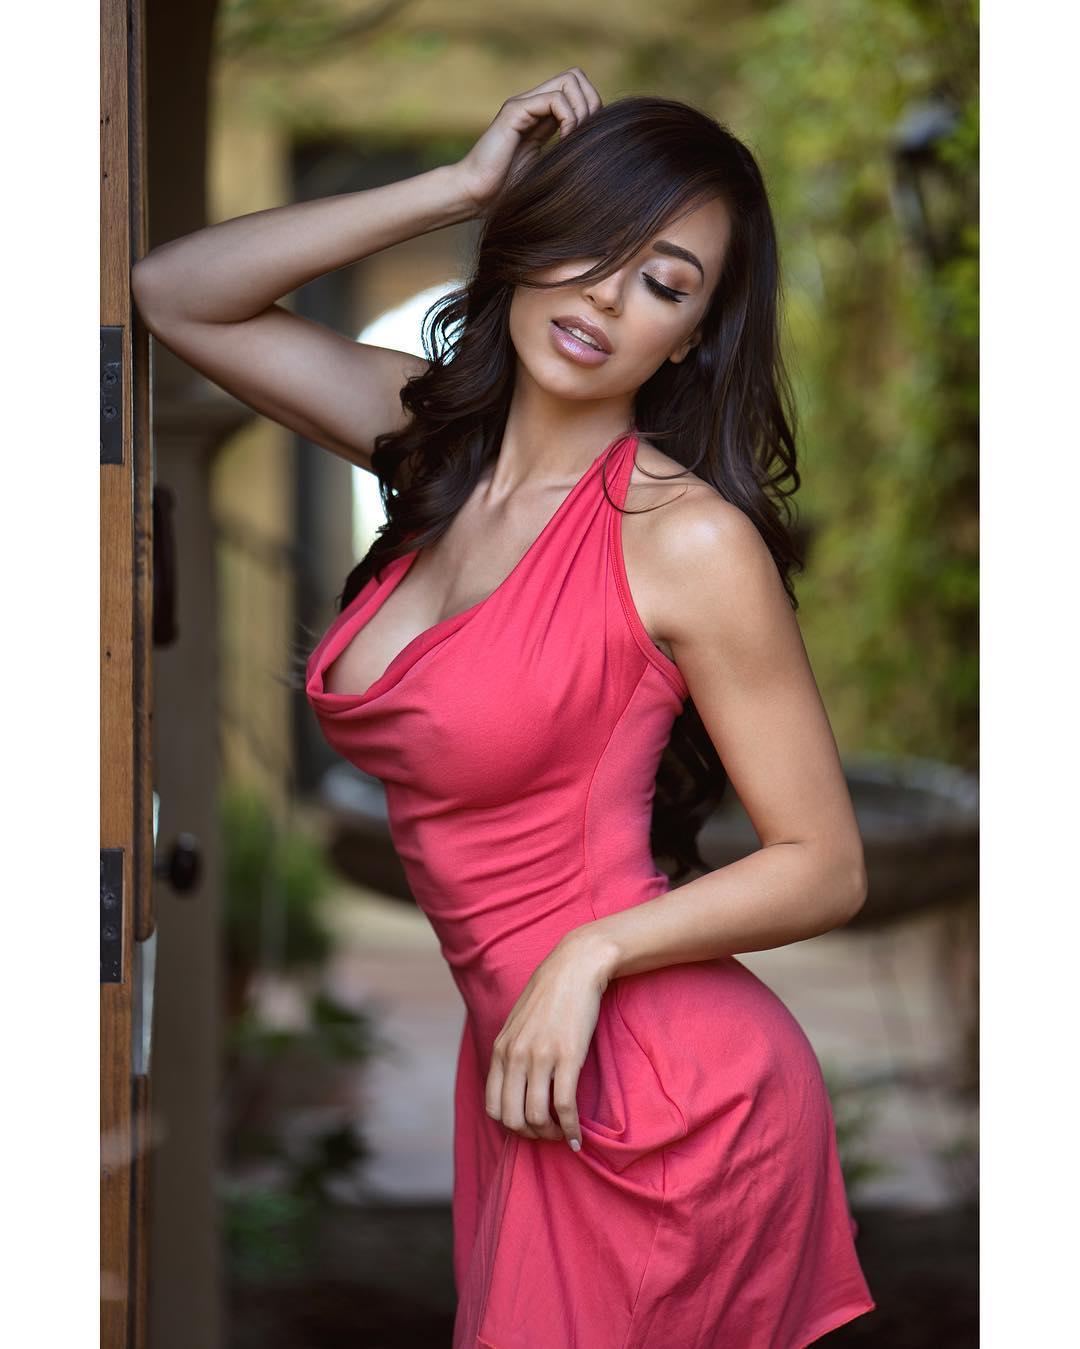 【ノーブラエロ画像】捲ればお目見え状態!乳首を阻む壁が分厚く感じるノーブラファッション(;´Д`)